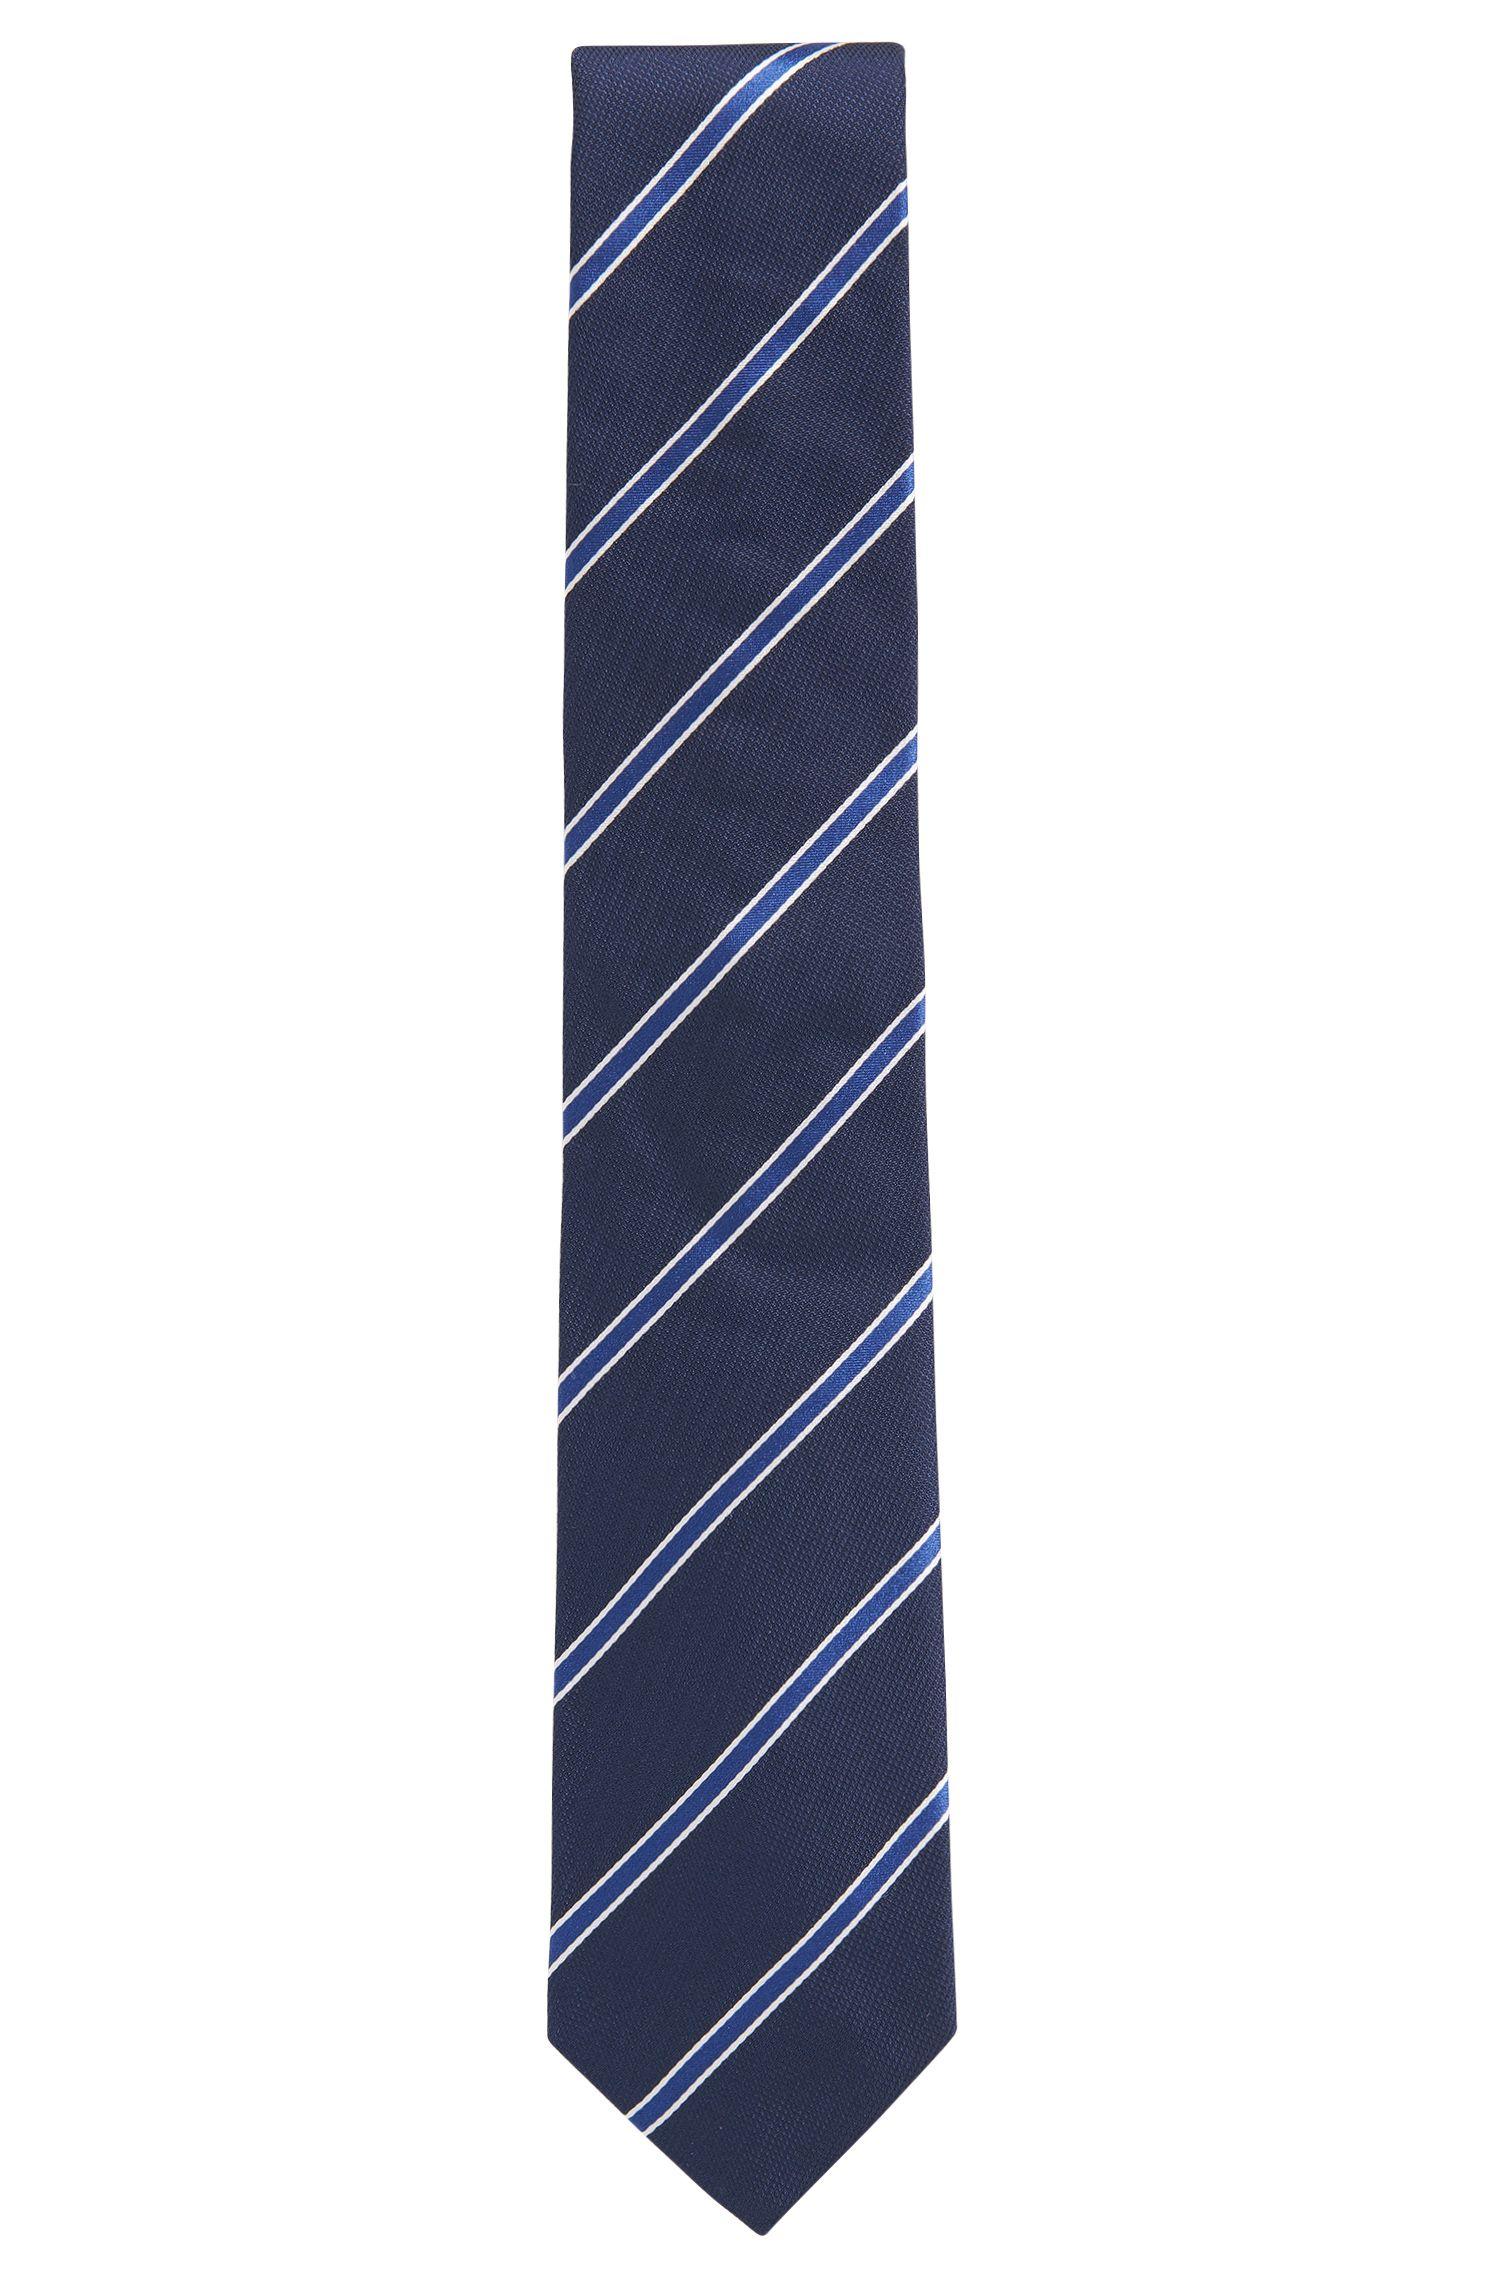 Stropdas van jacquard zijde met garengeverfde diagonale strepen